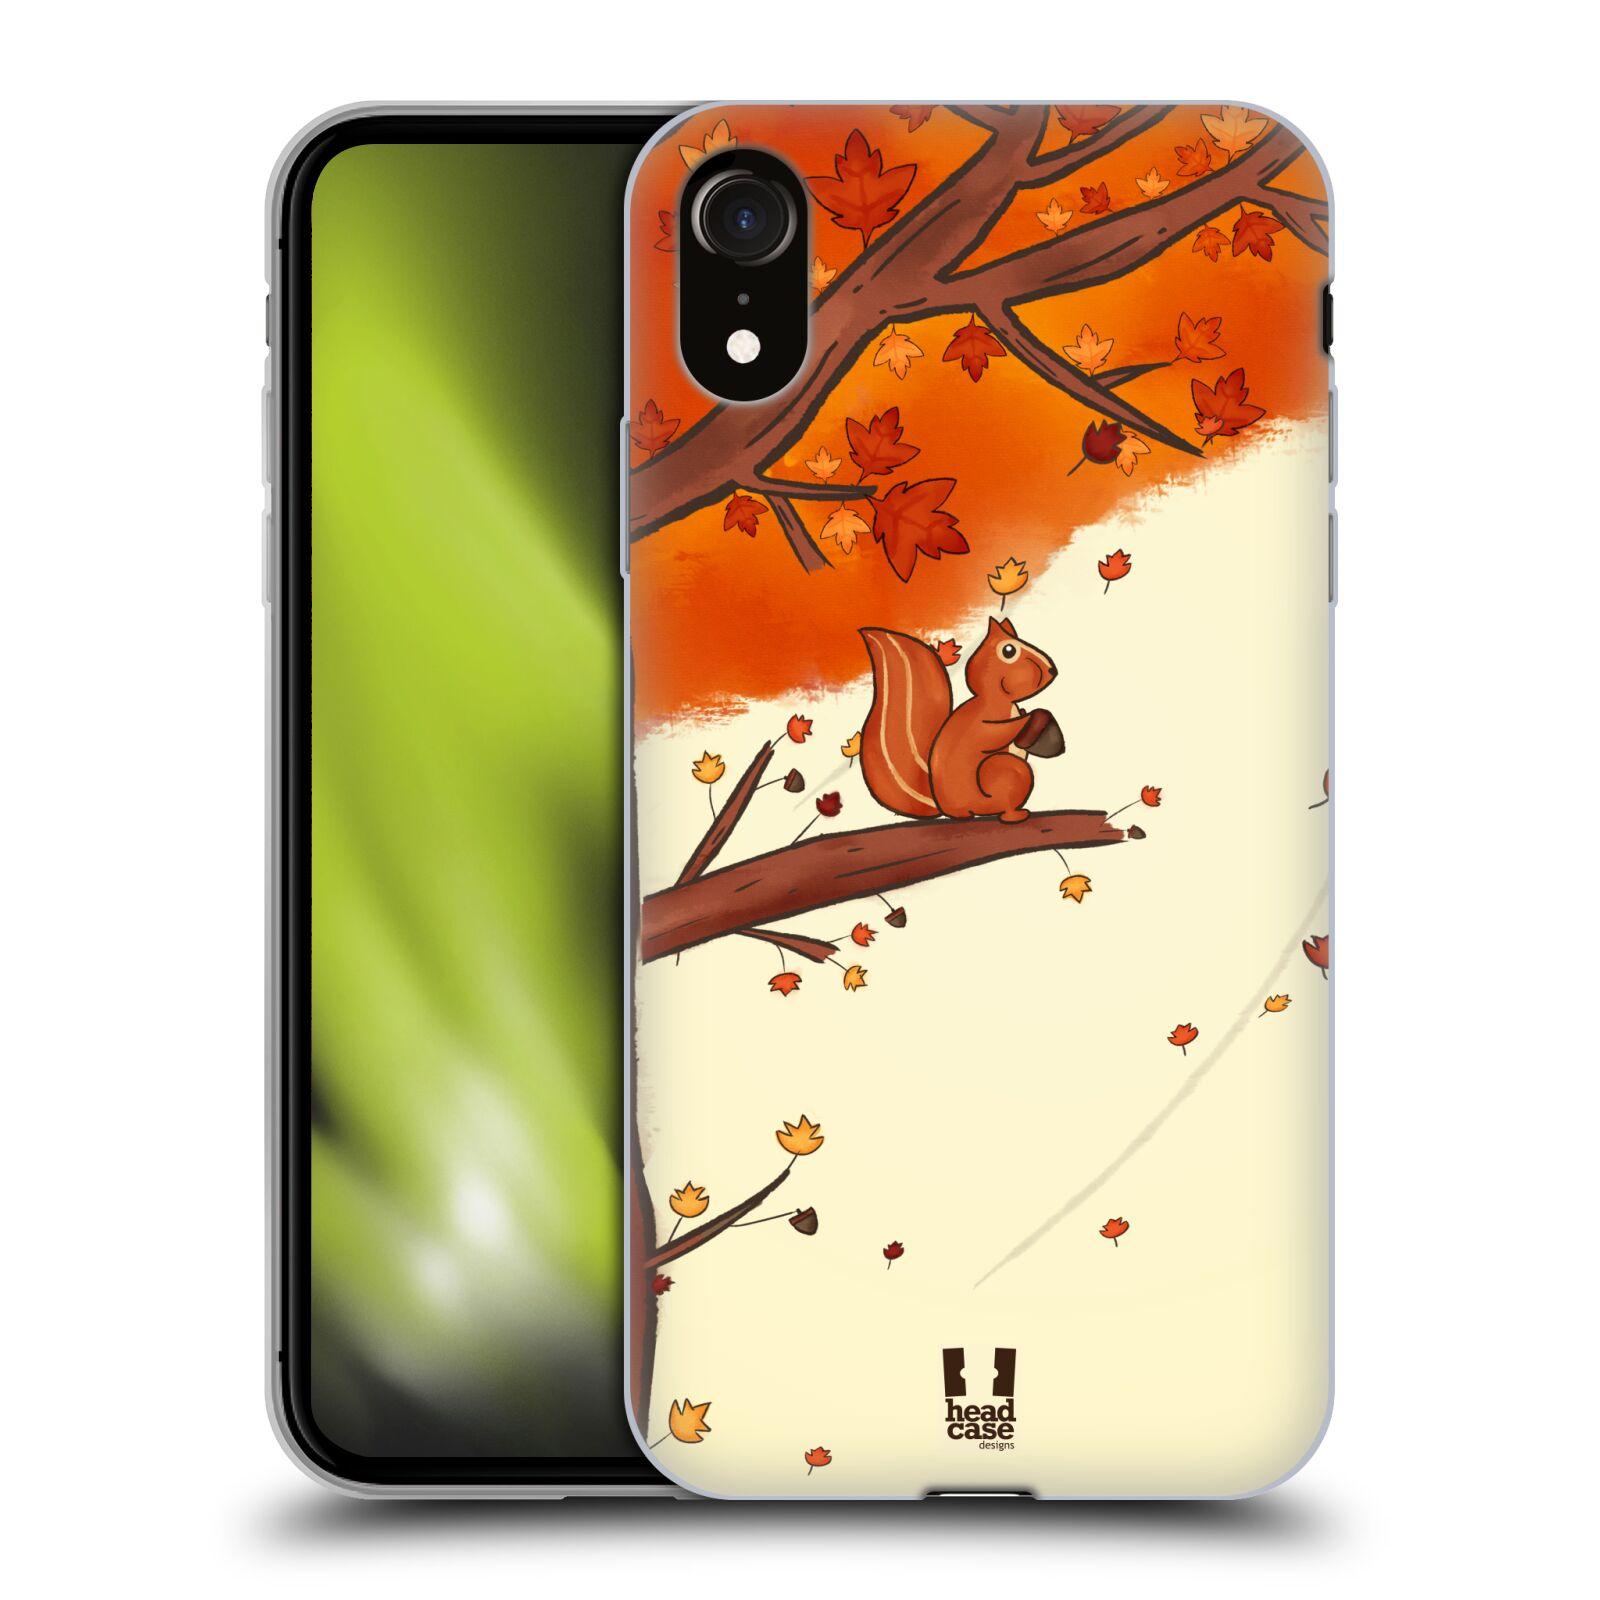 Silikonové pouzdro na mobil Apple iPhone XR - Head Case - PODZIMNÍ VEVERKA